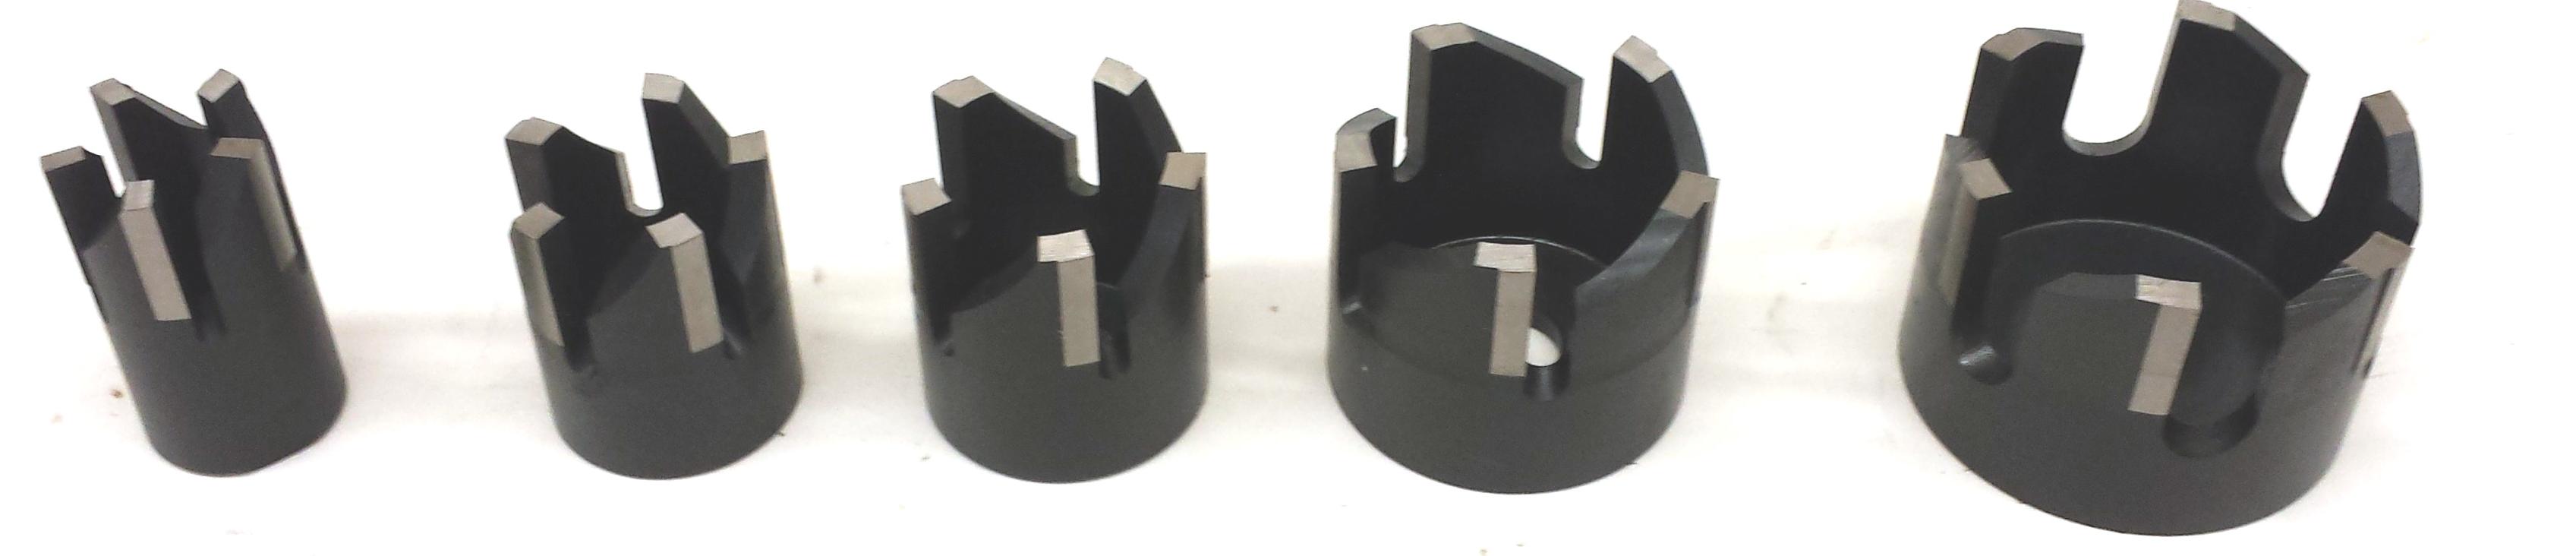 S1 Steel Cutter